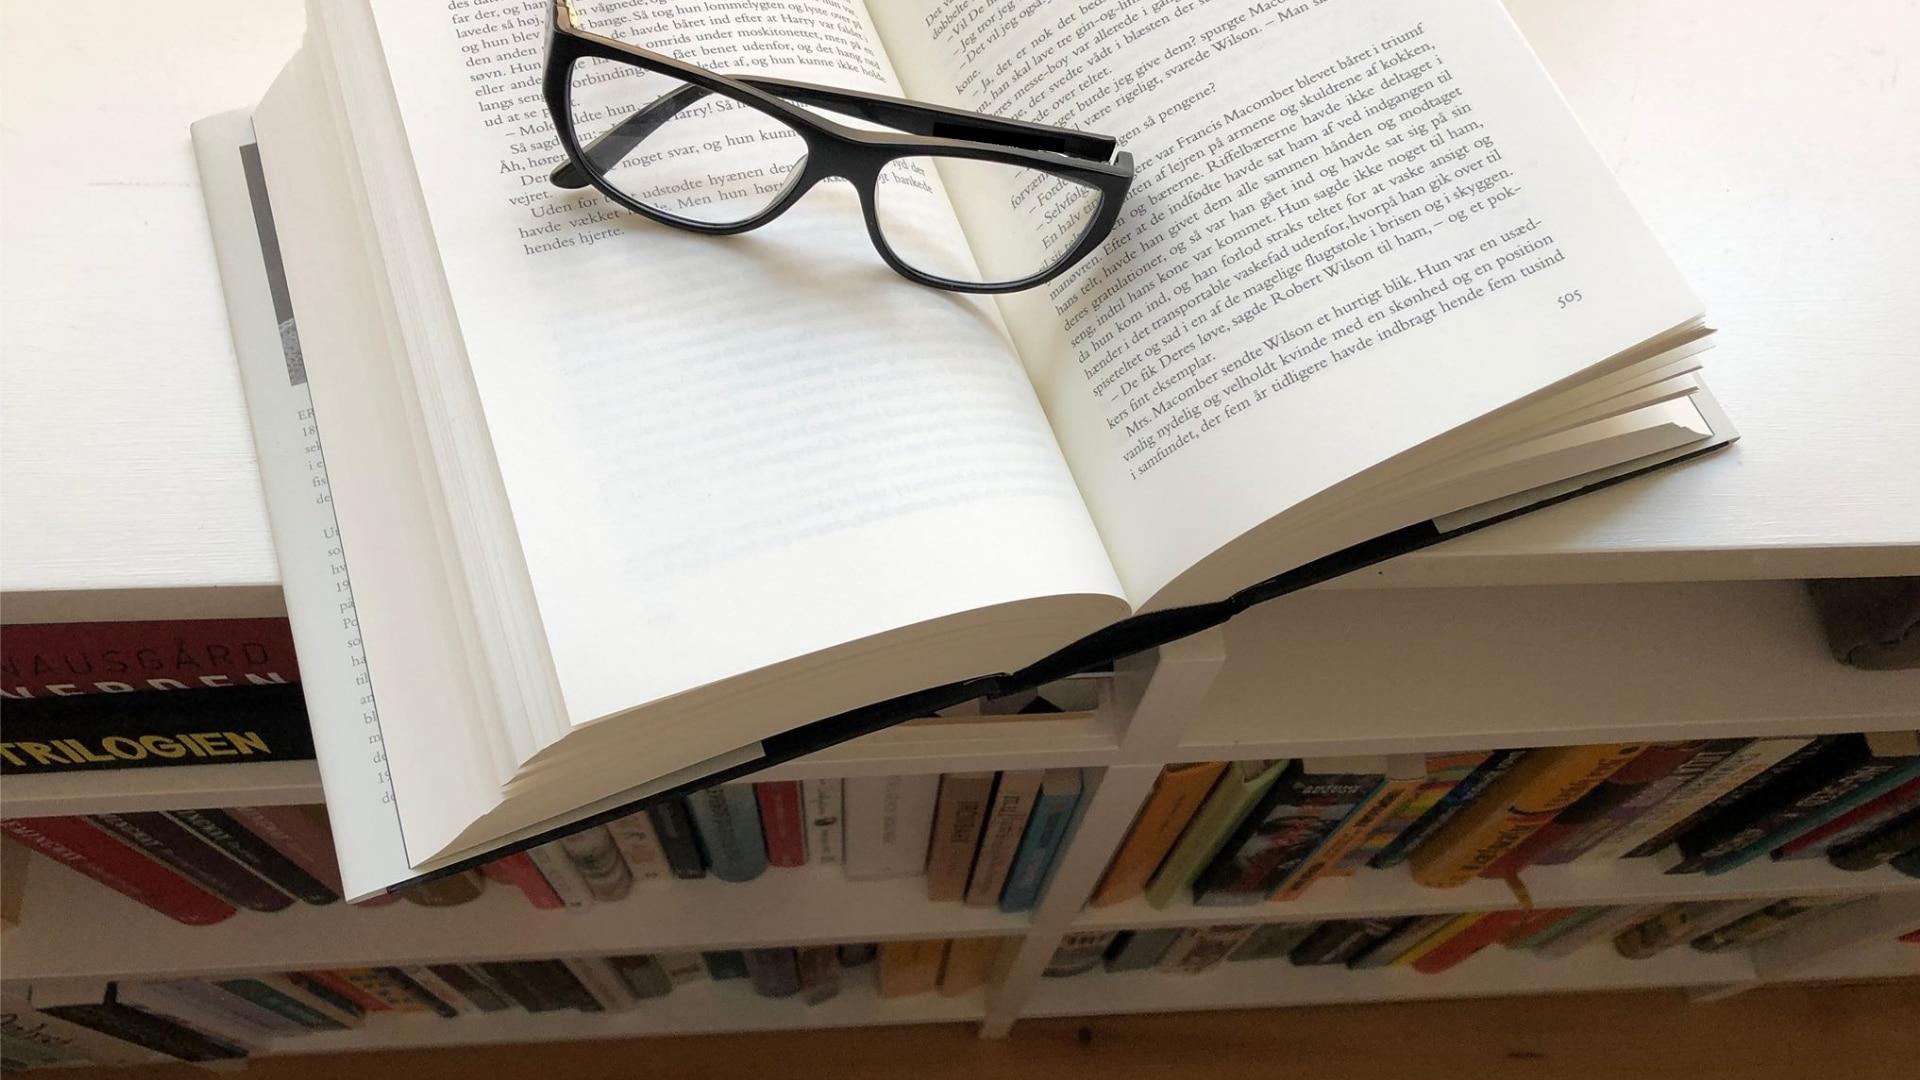 Læselyst, at læse, reol, bogreol